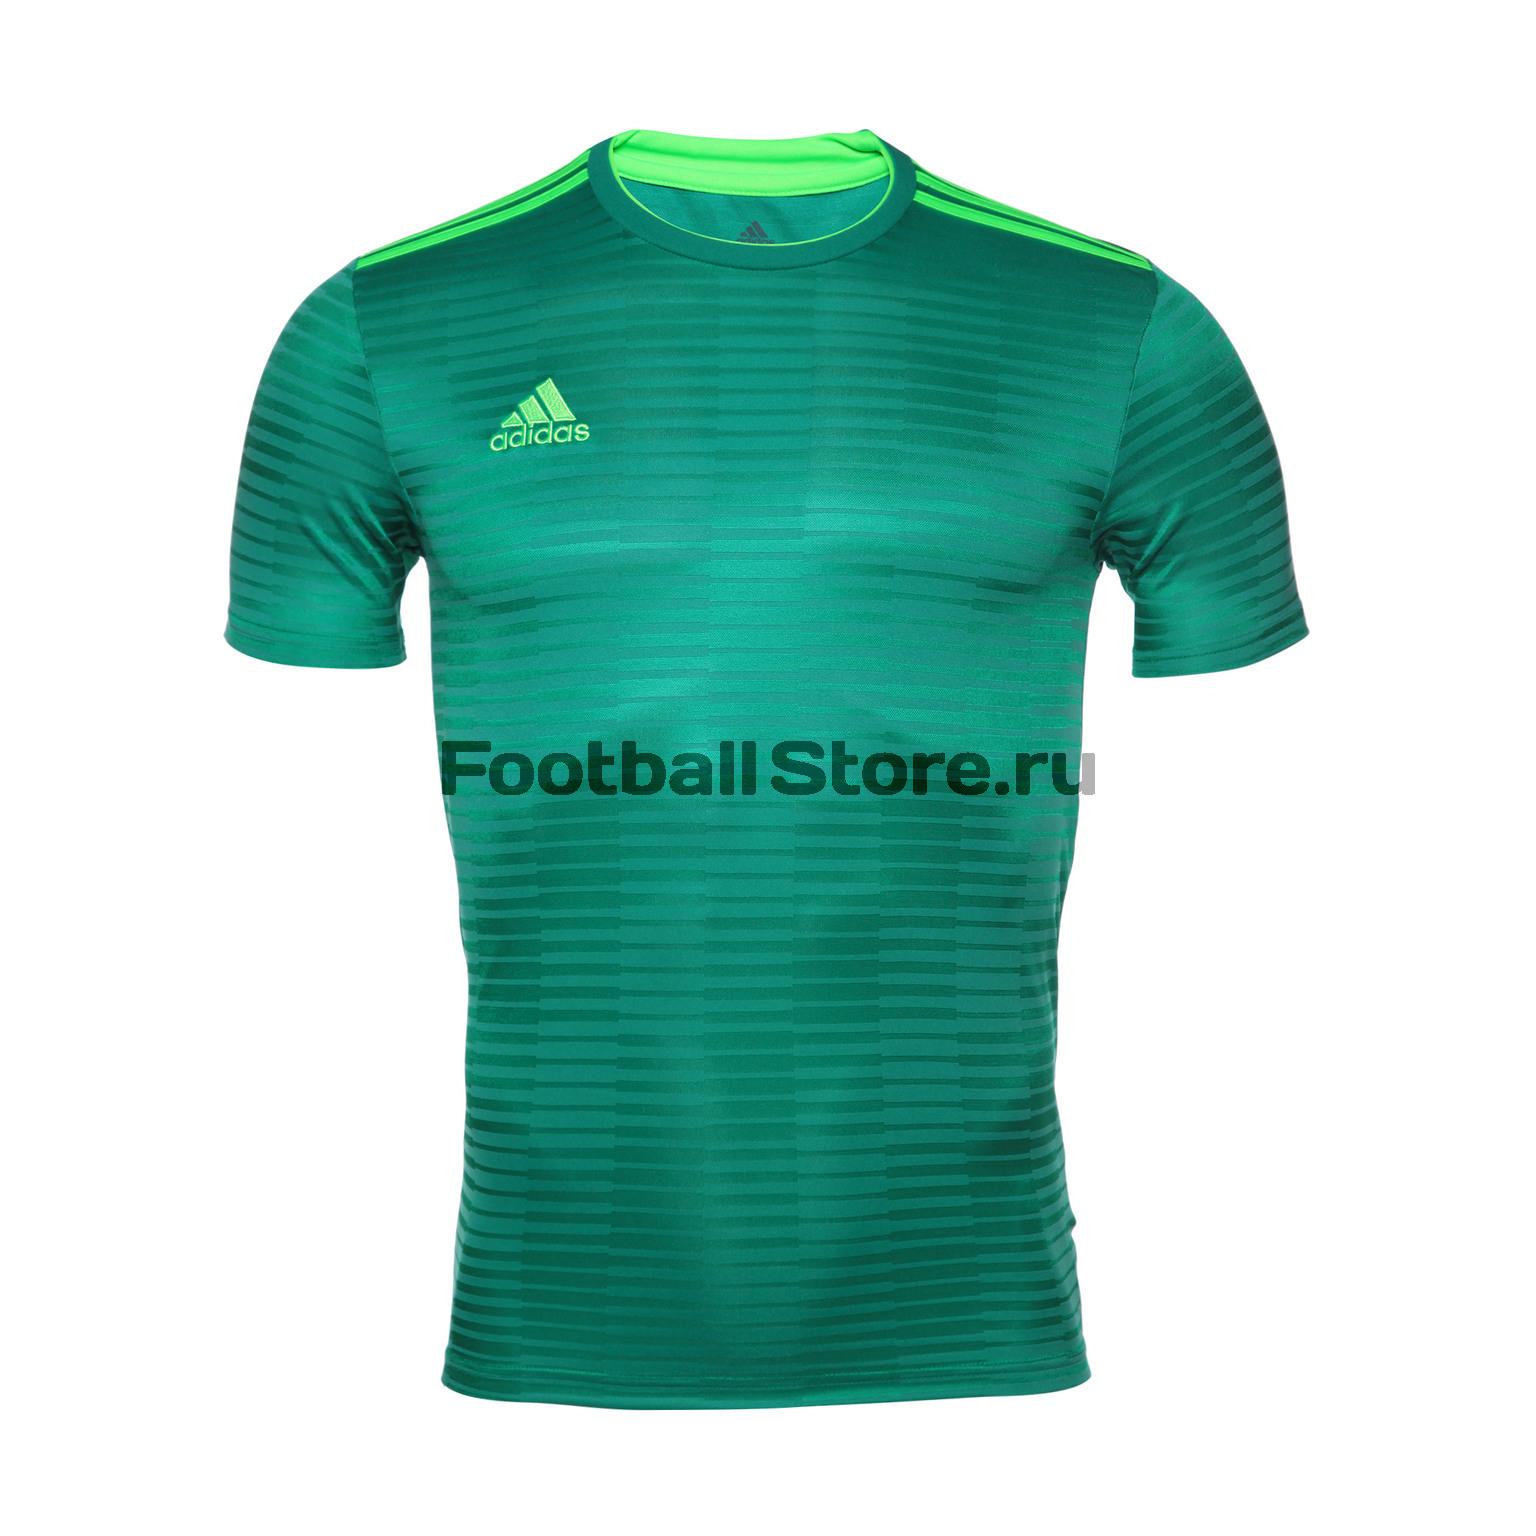 Футболка игровая Adidas Con18 JSY CF0683 футболка игровая nike dry tiempo prem jsy ss 894230 057